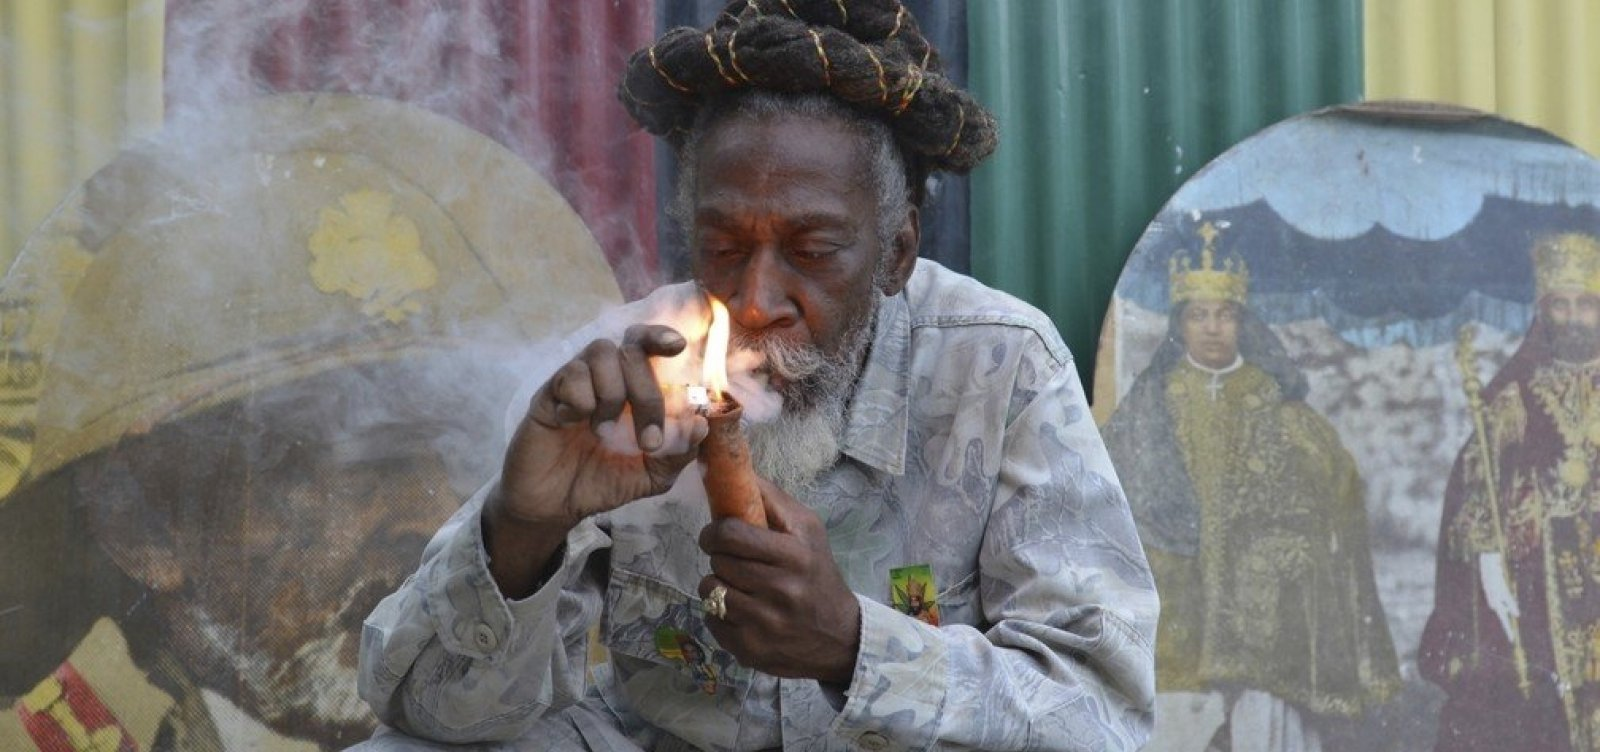 Morre Bunny Wailer, fundador da banda The Wailers com Bob Marley e Peter Tosh